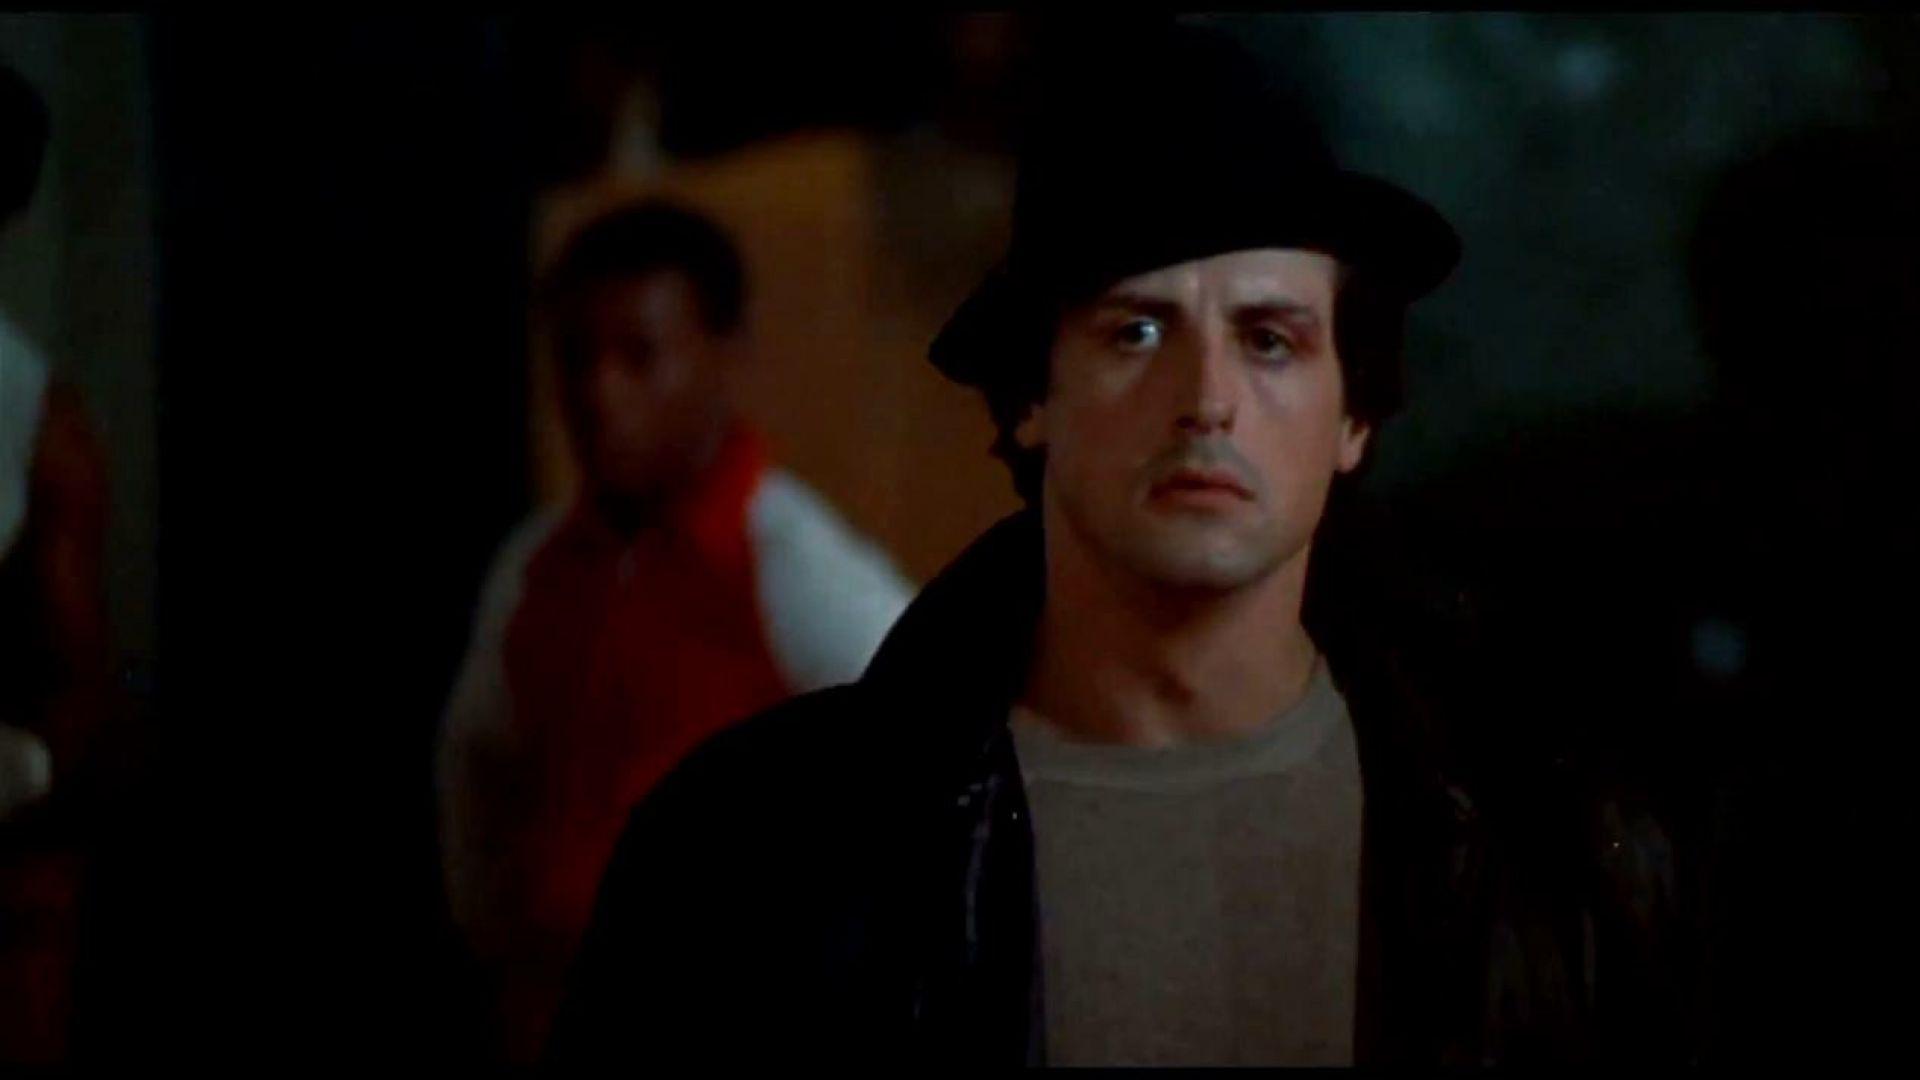 Sylvester Stallone as Rocky Balboa in Rocky (1976)